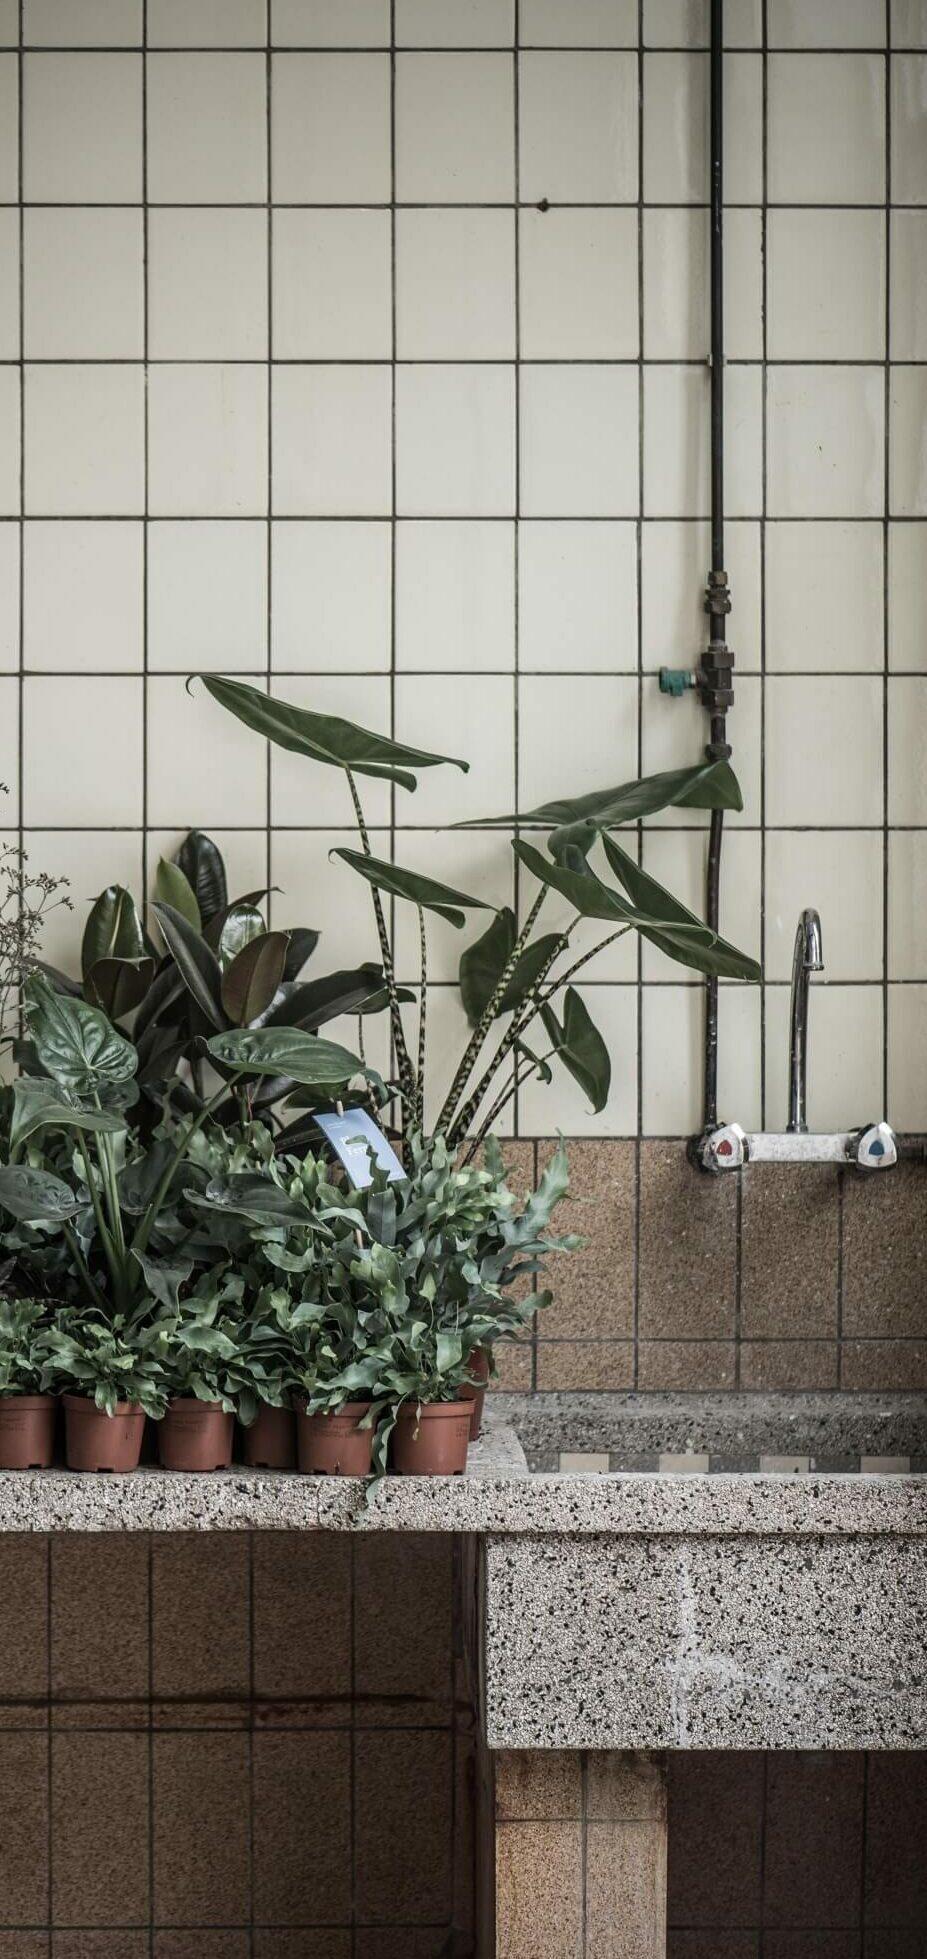 Skines planten bij waskbak